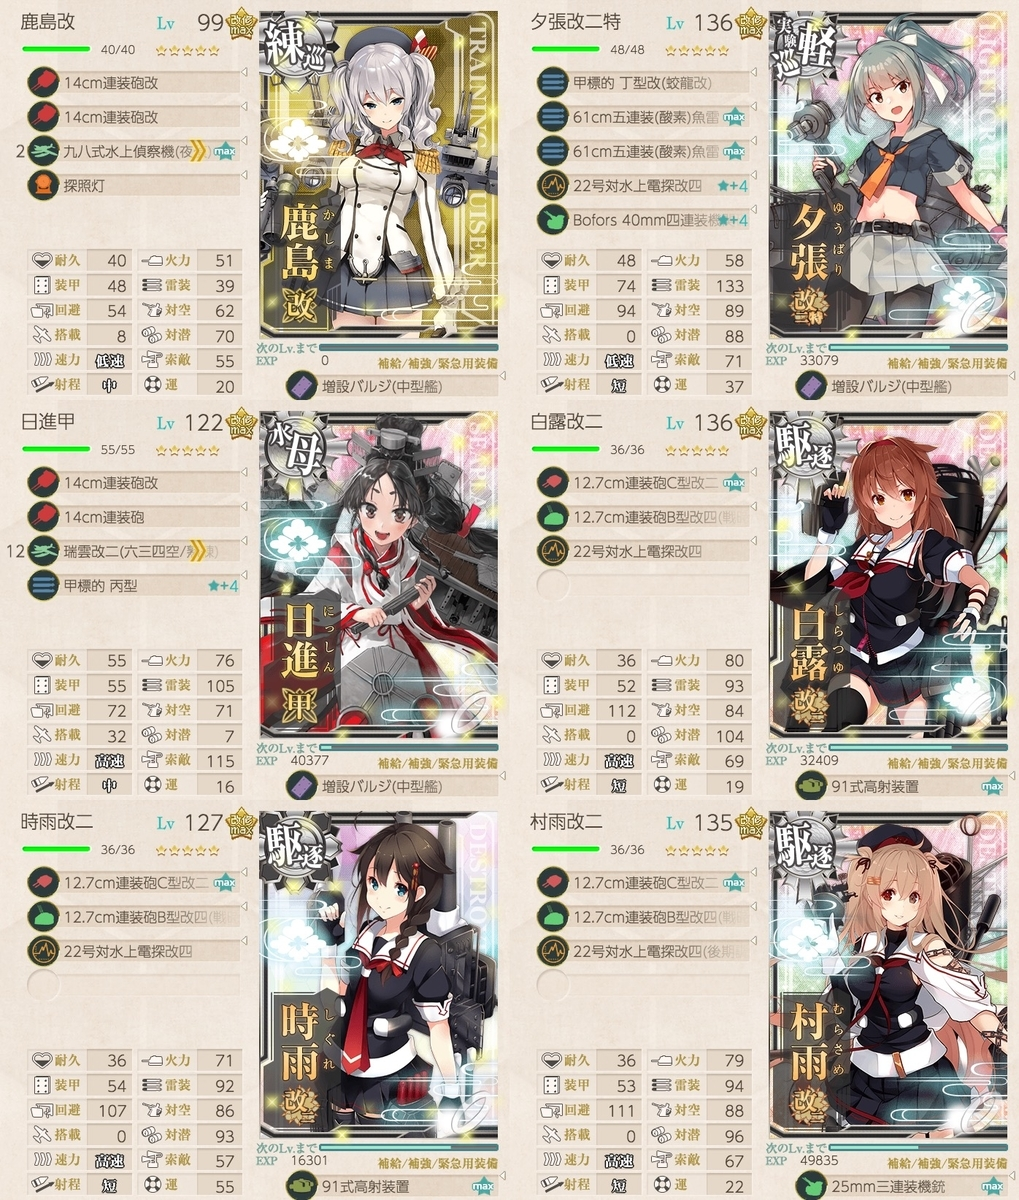 f:id:nameless_admiral:20201019020421j:plain